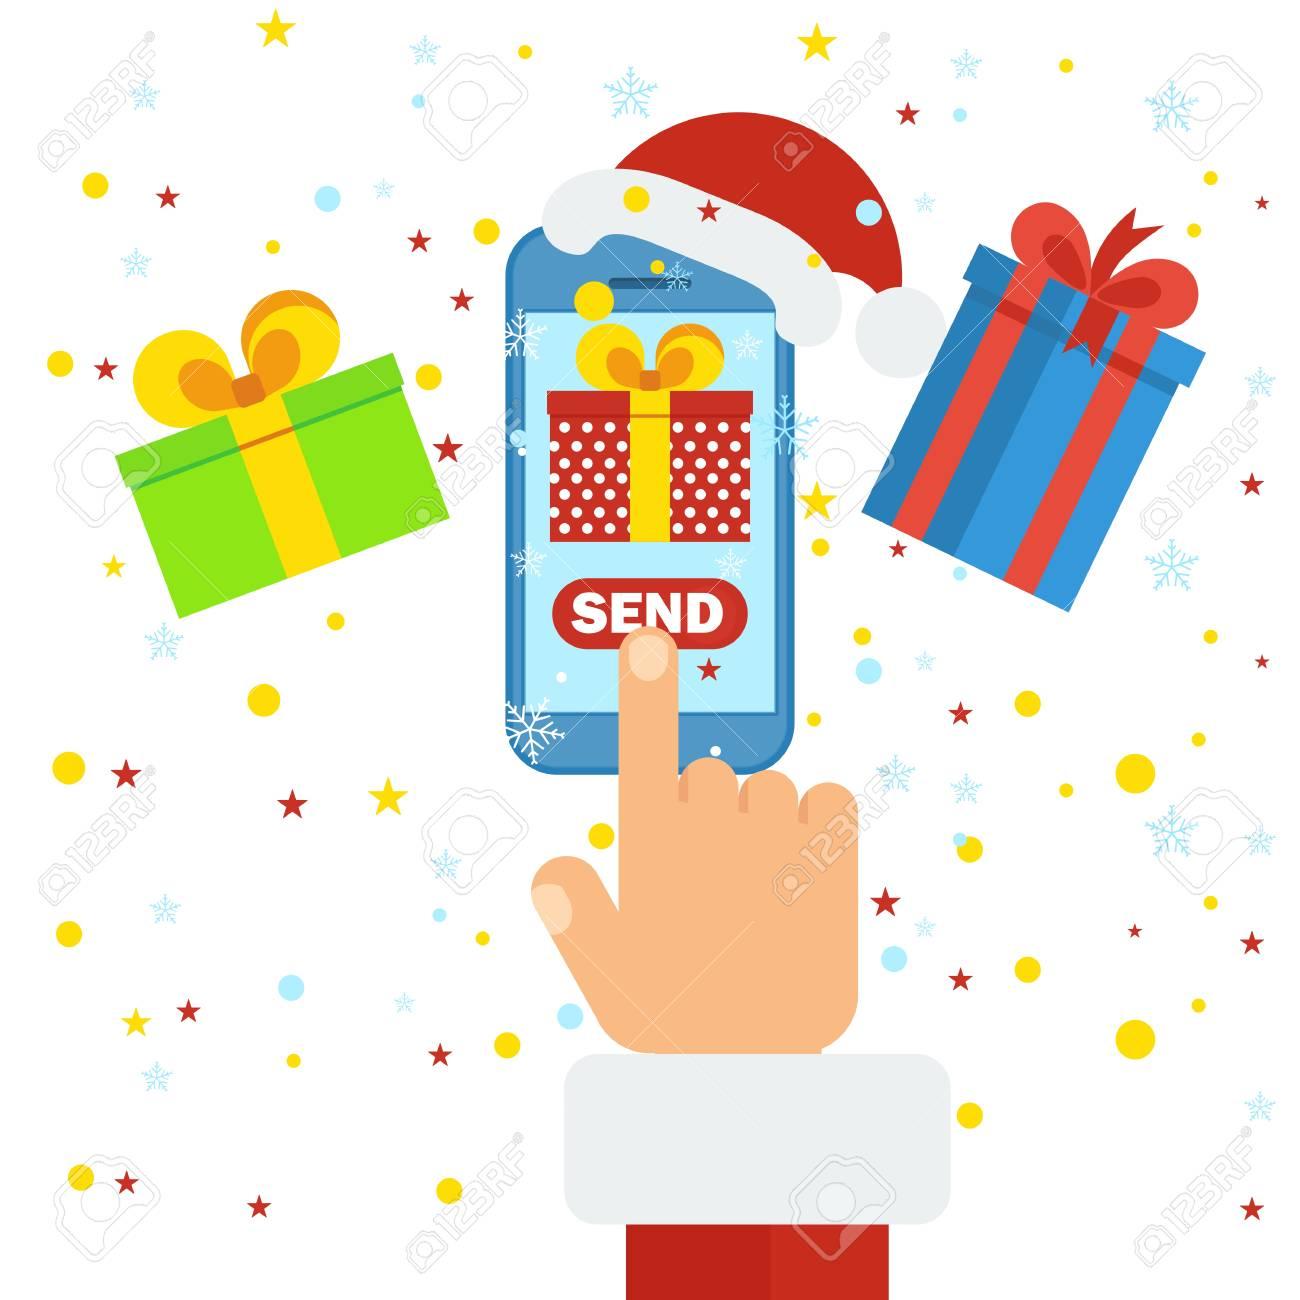 Felicitaciones Navidad Internet.Entrega De Regalos De Navidad Movil Concepto De Compras En Internet En Linea Felicitaciones Pedidos Y Compras A Traves De Internet Icono De